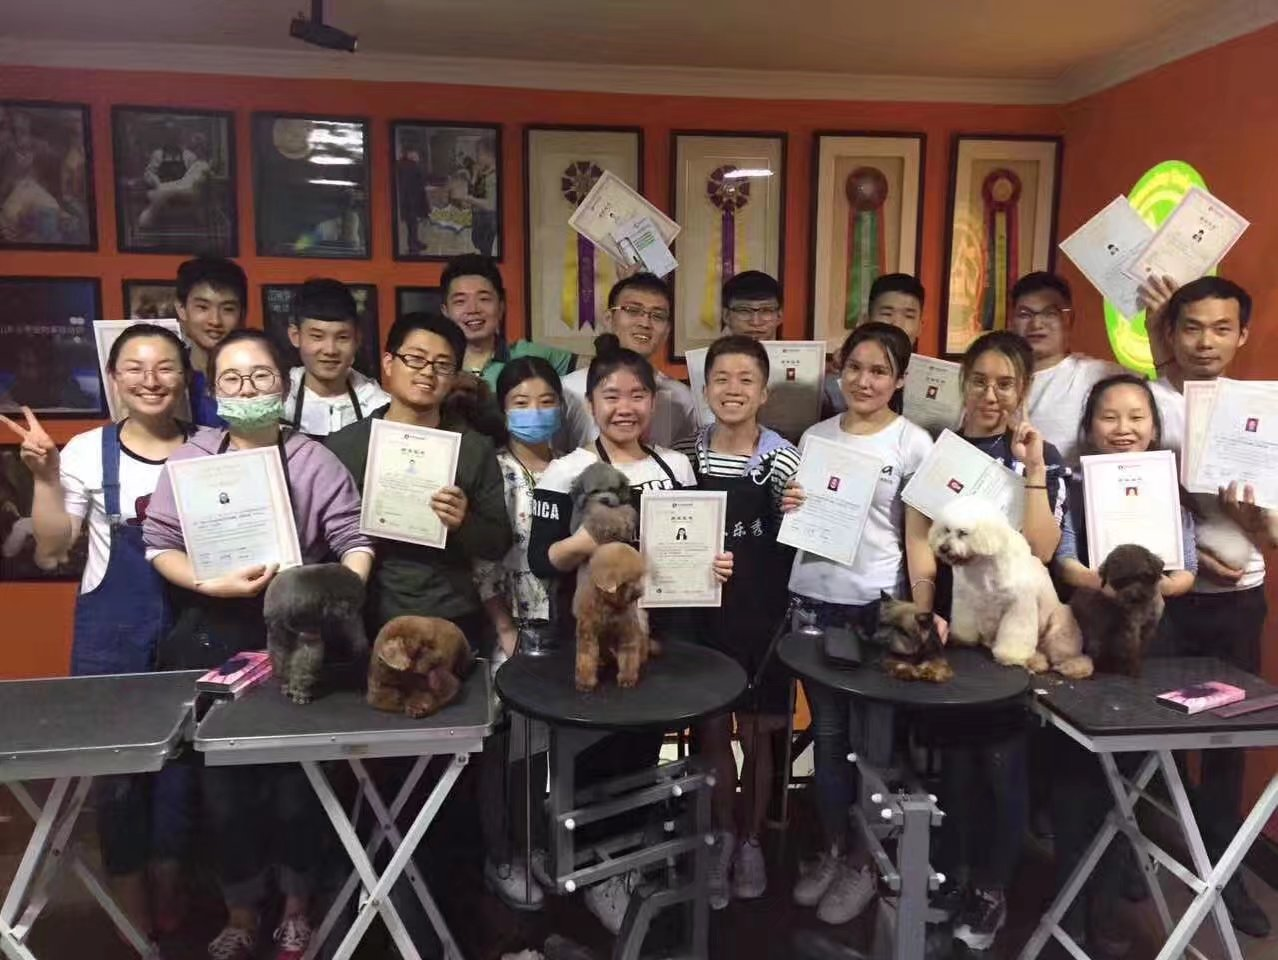 宠物美容培训班好 宠物美容培训学校-尊影宠物美容培训